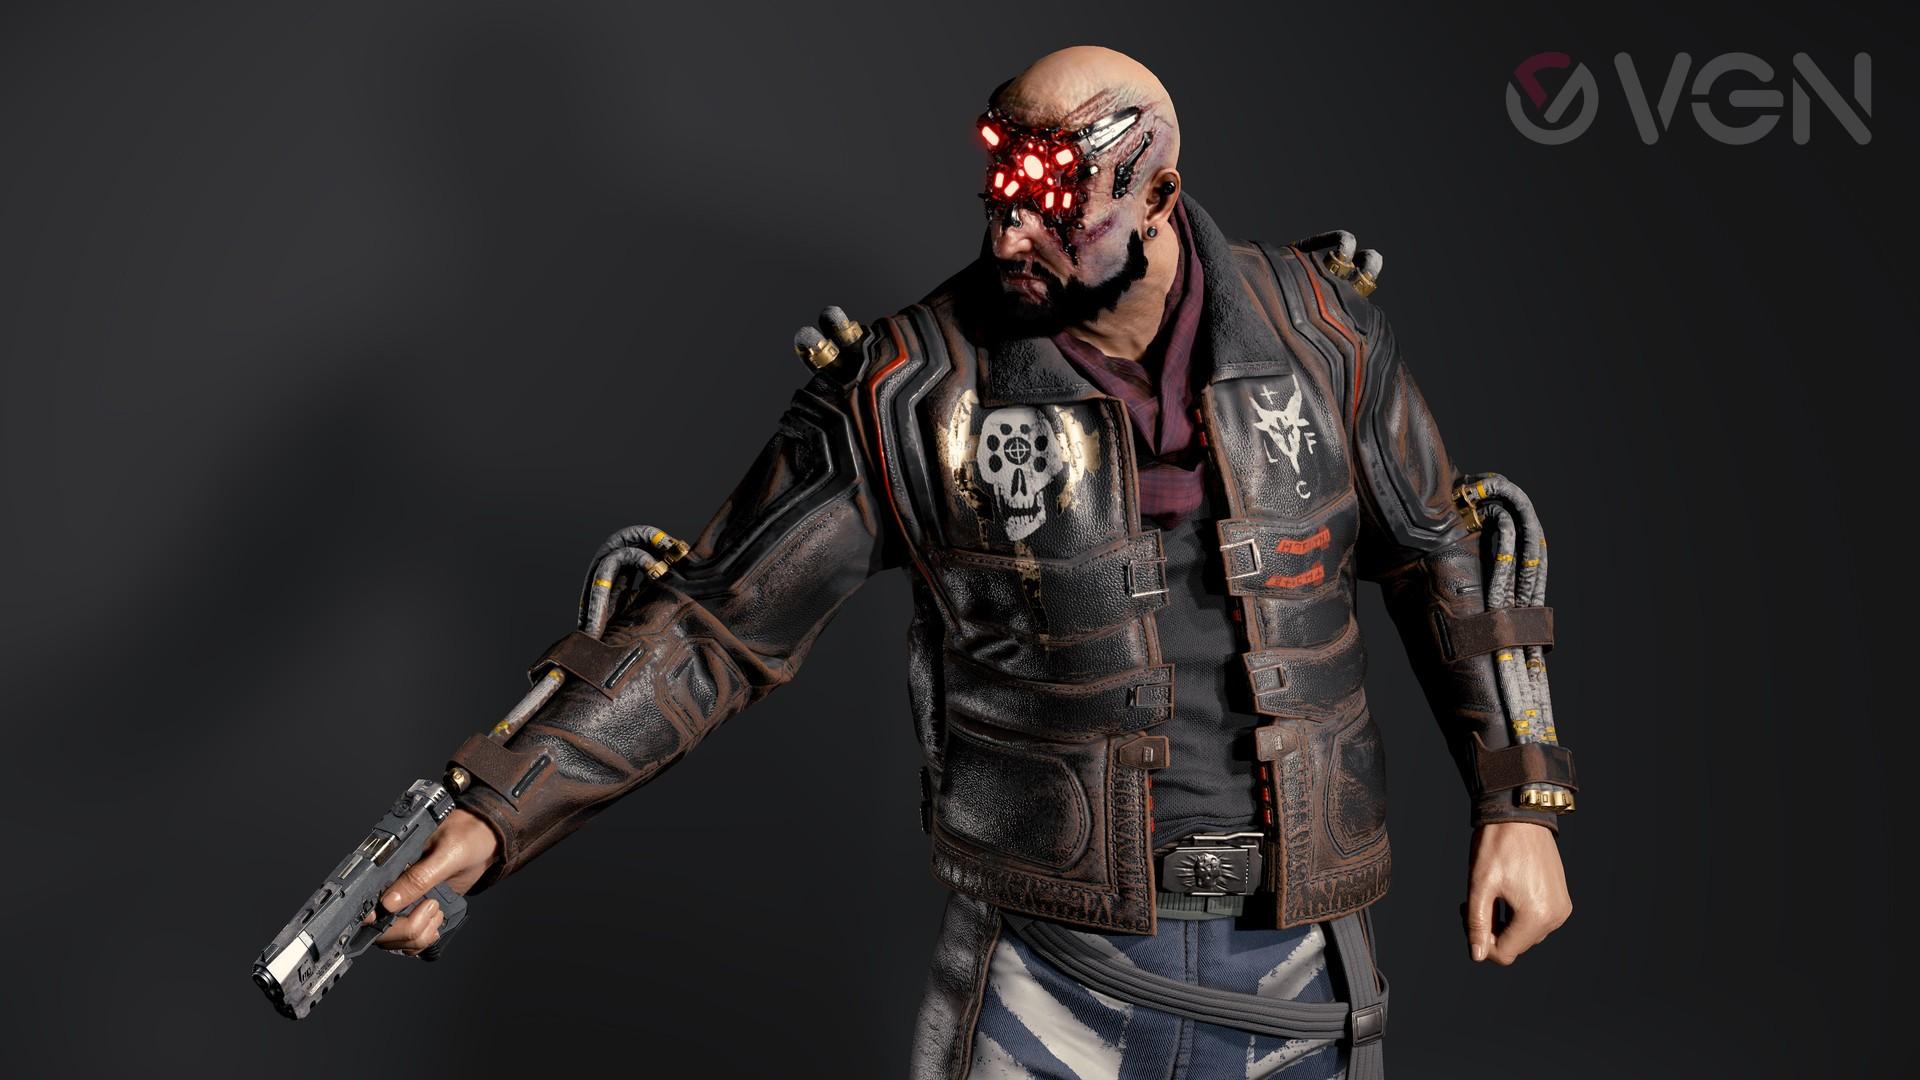 Cyberpunk 2077: Royce